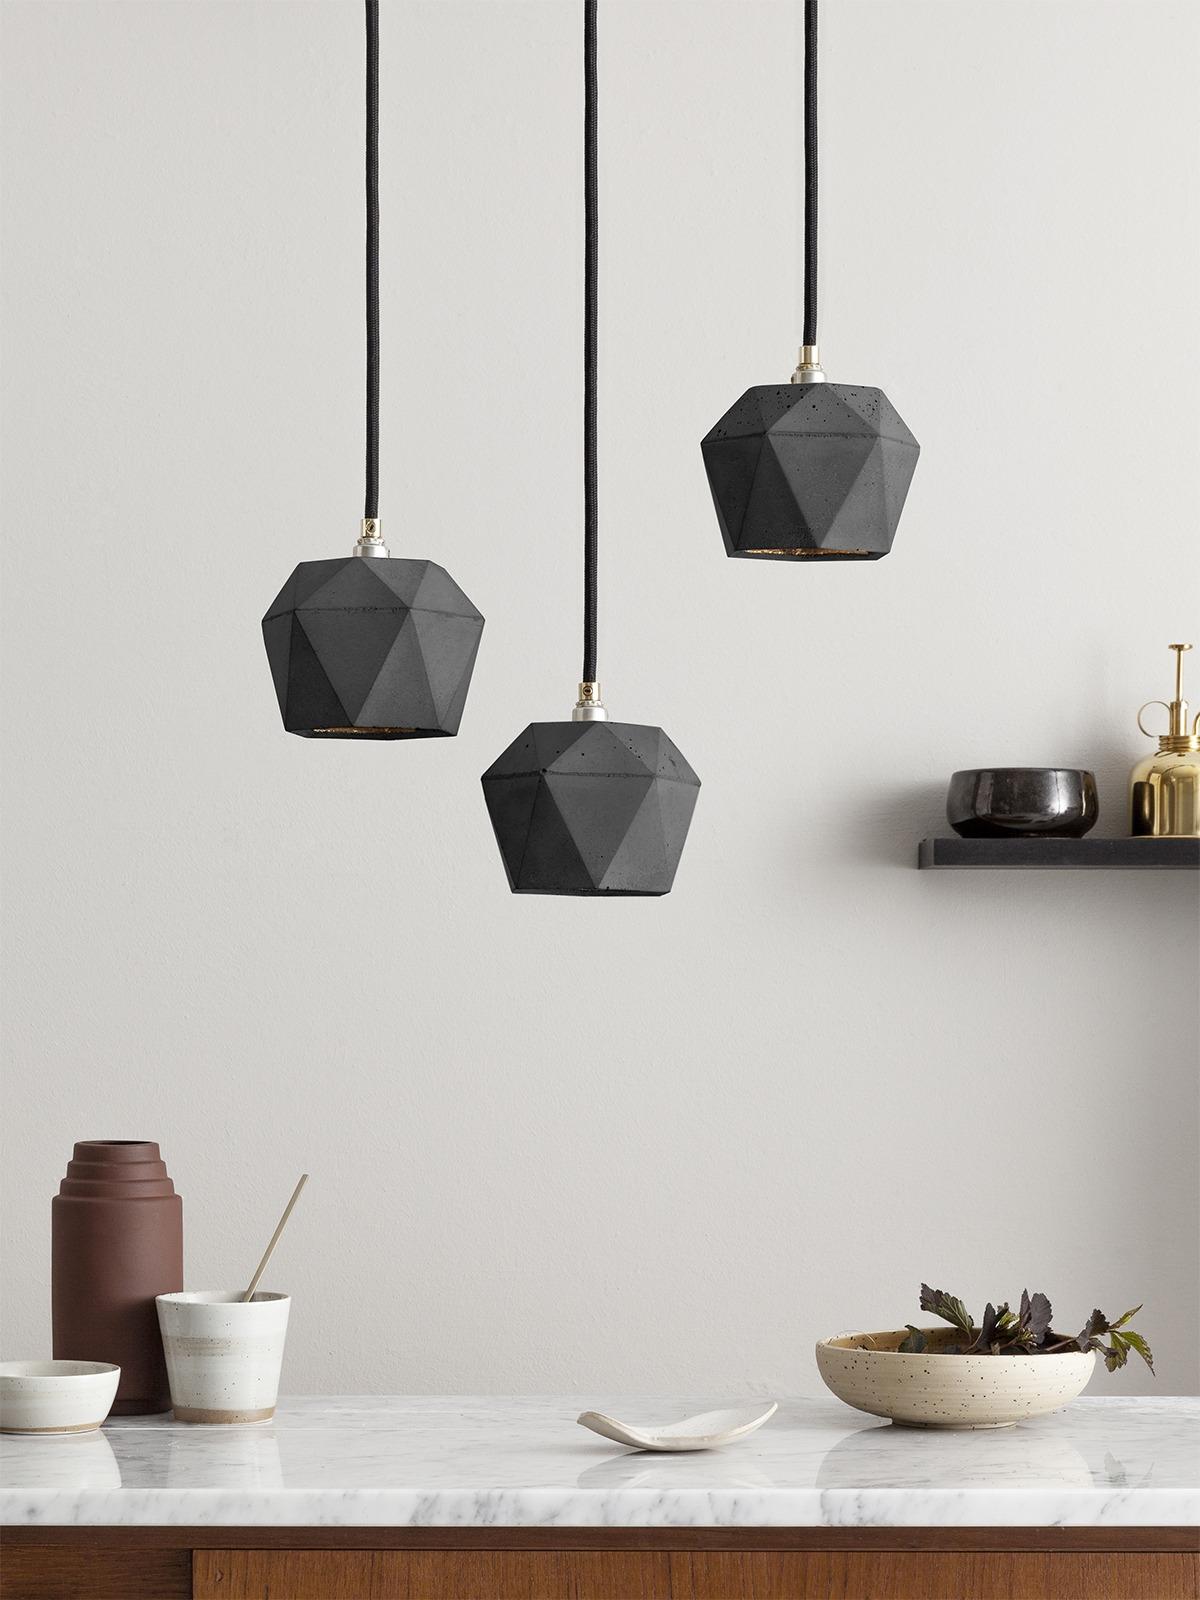 Full Size of T2set Lampenbndel Trianguliert Wohnzimmer Hängelampen